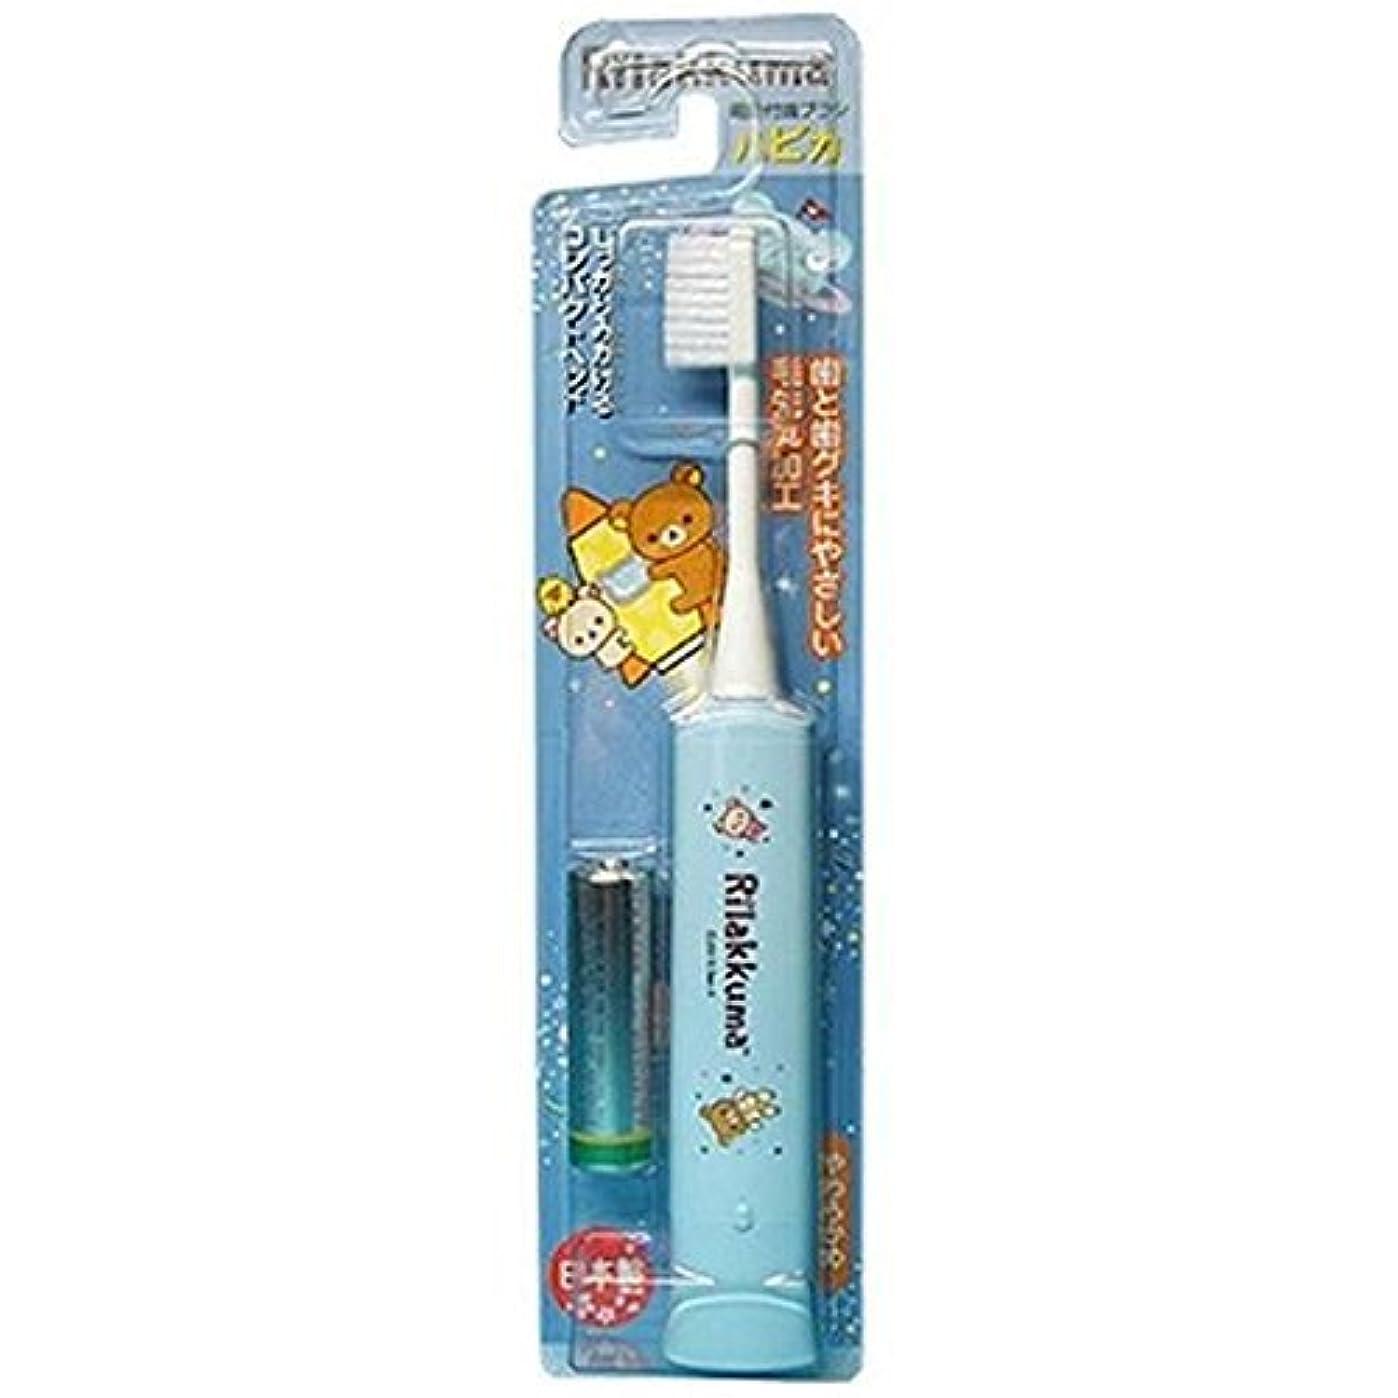 結婚式シロクマ喉頭ミニマム 電動付歯ブラシ リラックマハピカ ブルー 毛の硬さ:やわらかめ DBM-5B(RK)